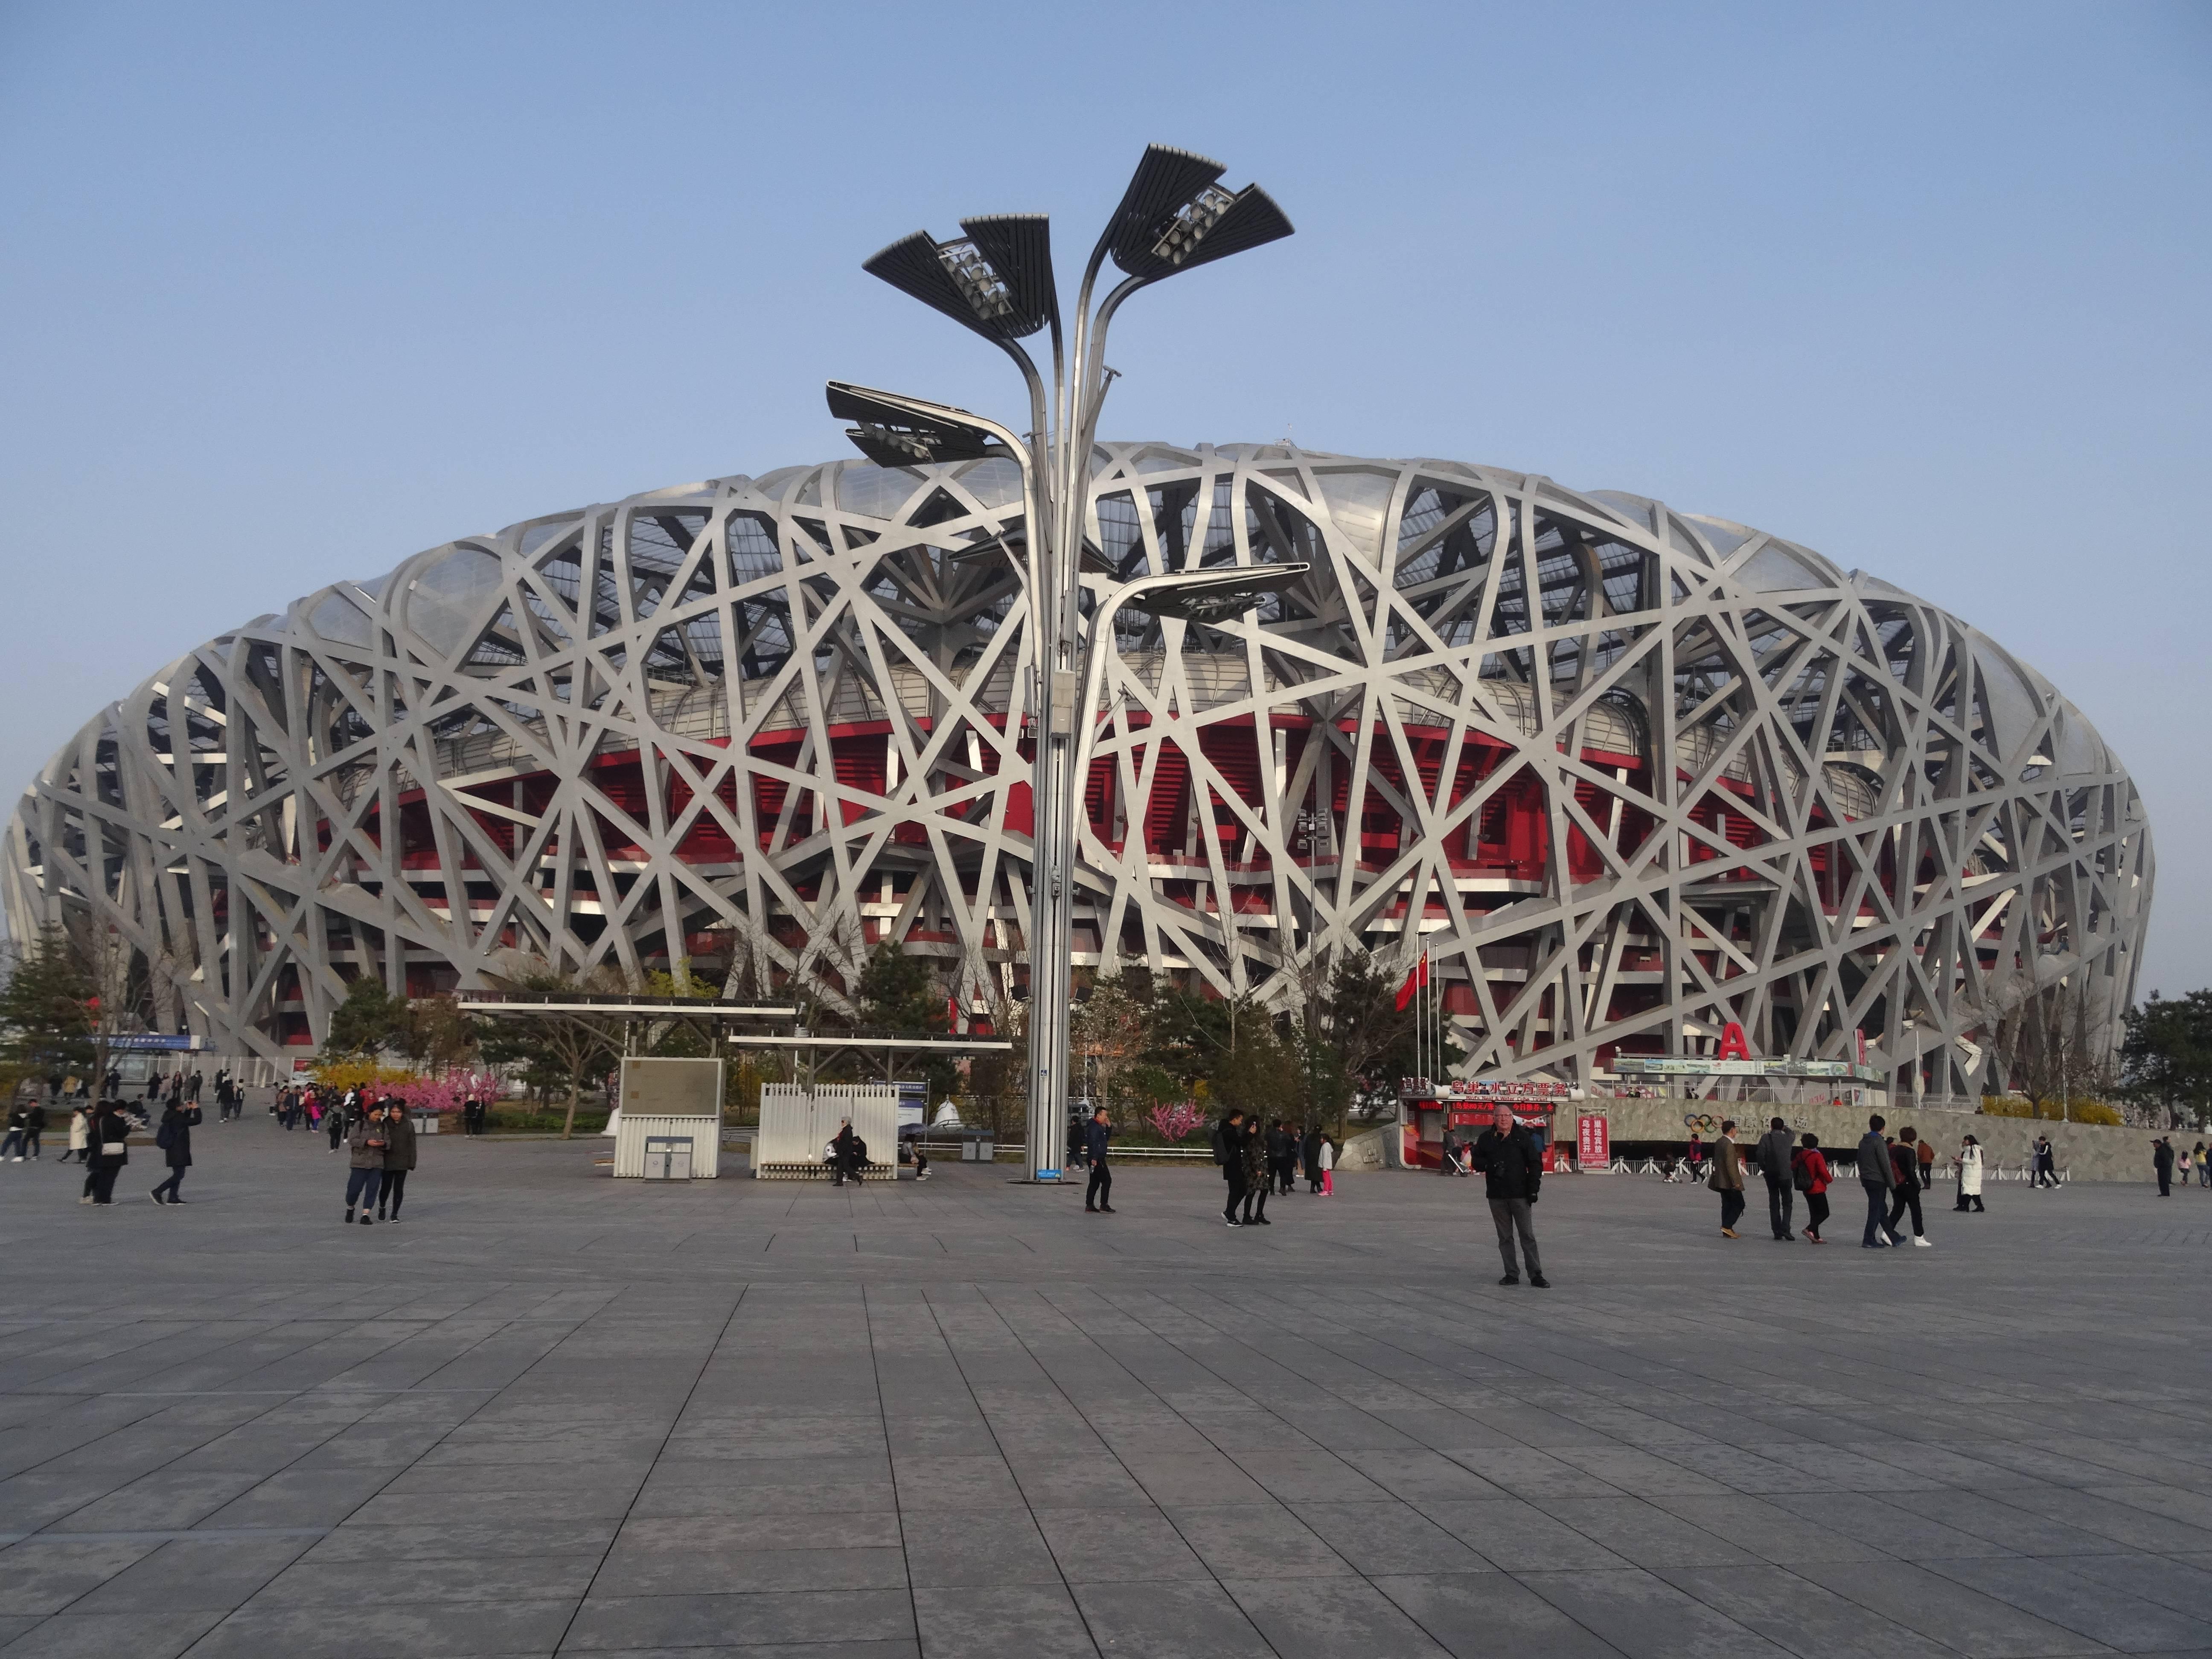 Photo 2: Le Parc des Jeux Olympiques de 2008 à Pékin... une autre vision de cette mégapole...